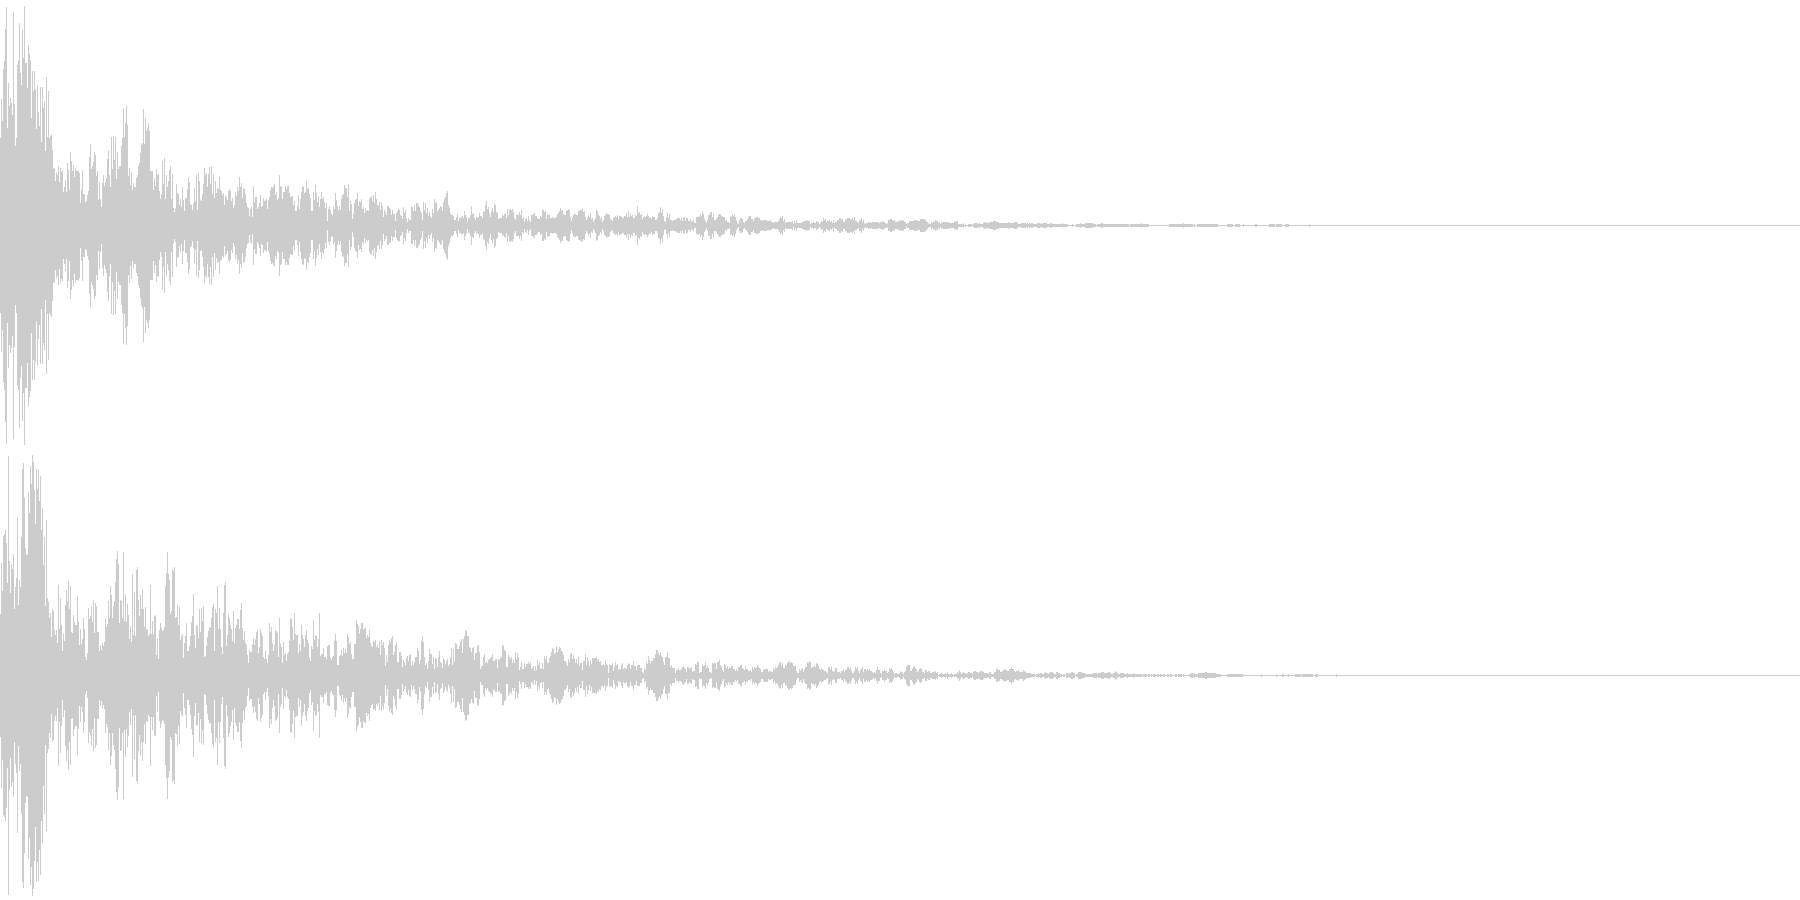 ドーン-17-2(インパクト音)の未再生の波形